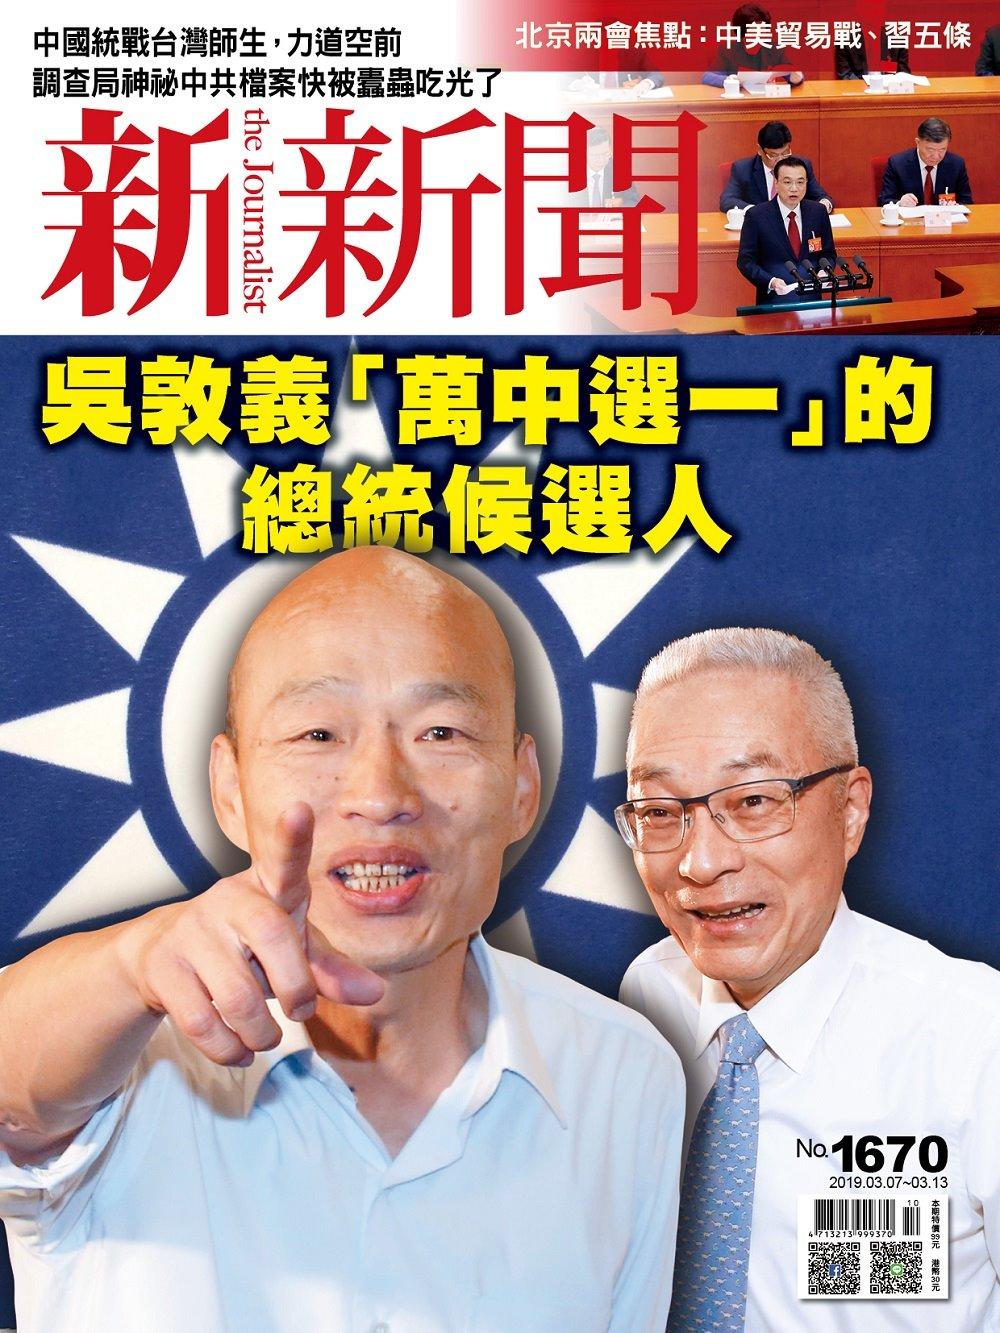 新新聞 2019/3/7第1670期